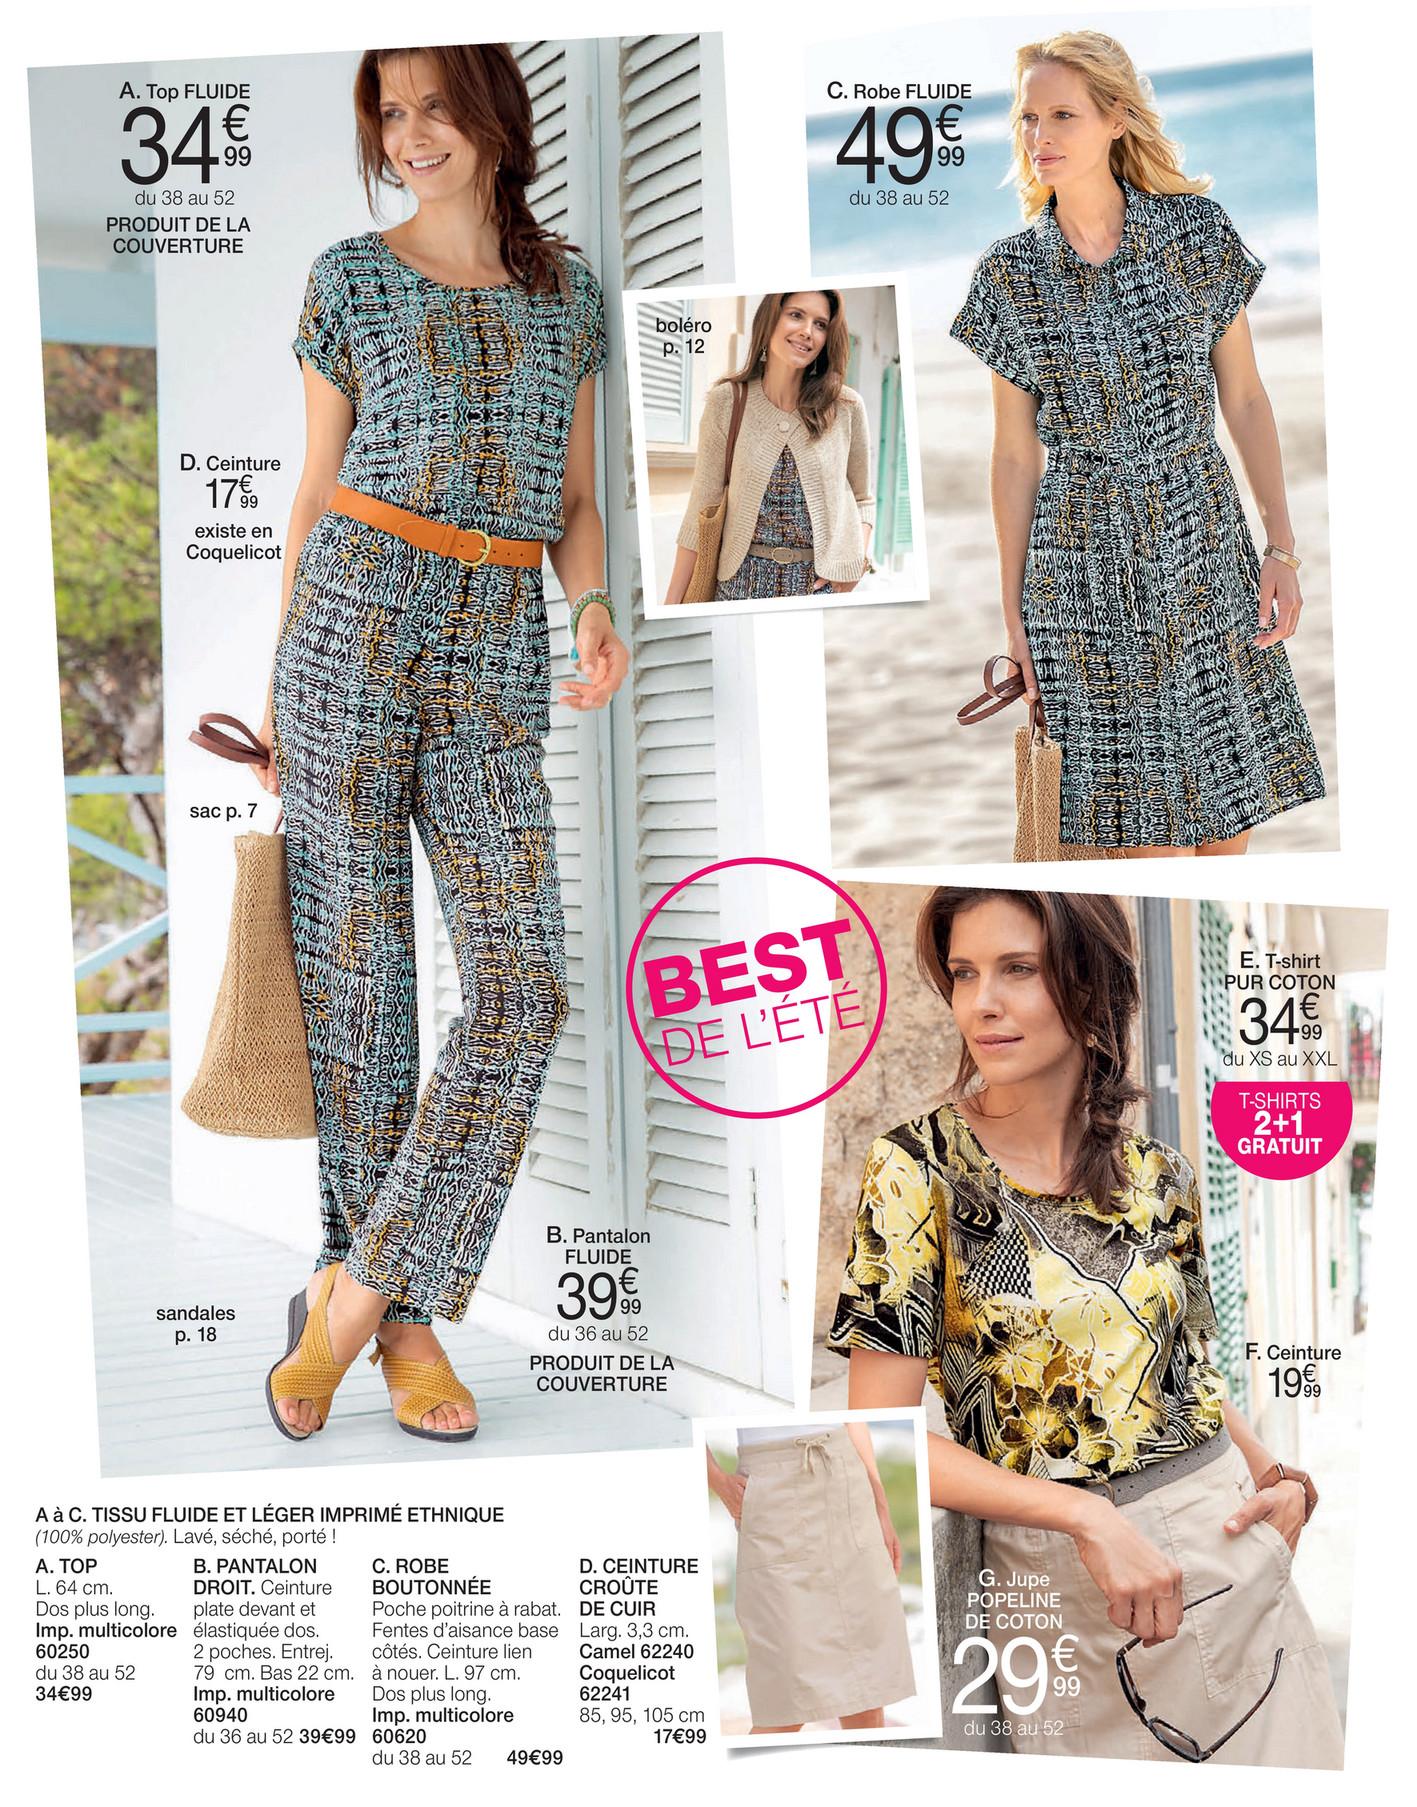 belle qualité brillance des couleurs bons plans sur la mode Damart - Best été 2019 - Page 2-3